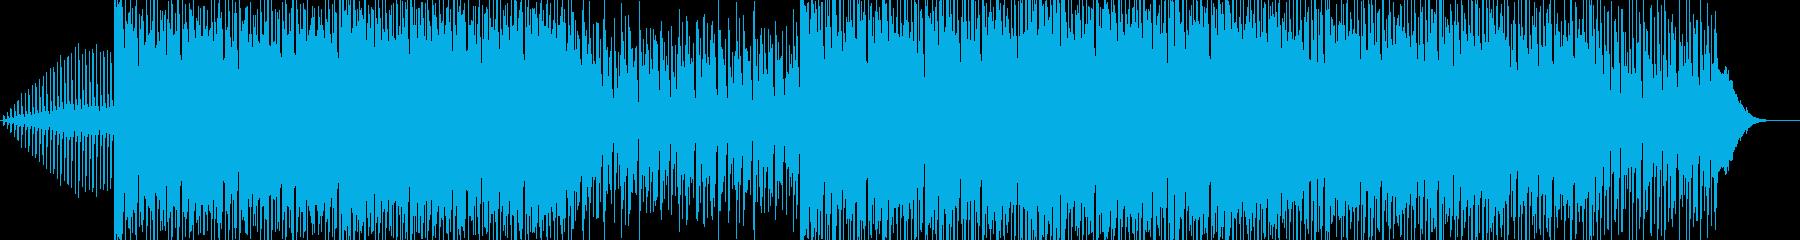 ディスコ ダンス ビンテージ シン...の再生済みの波形